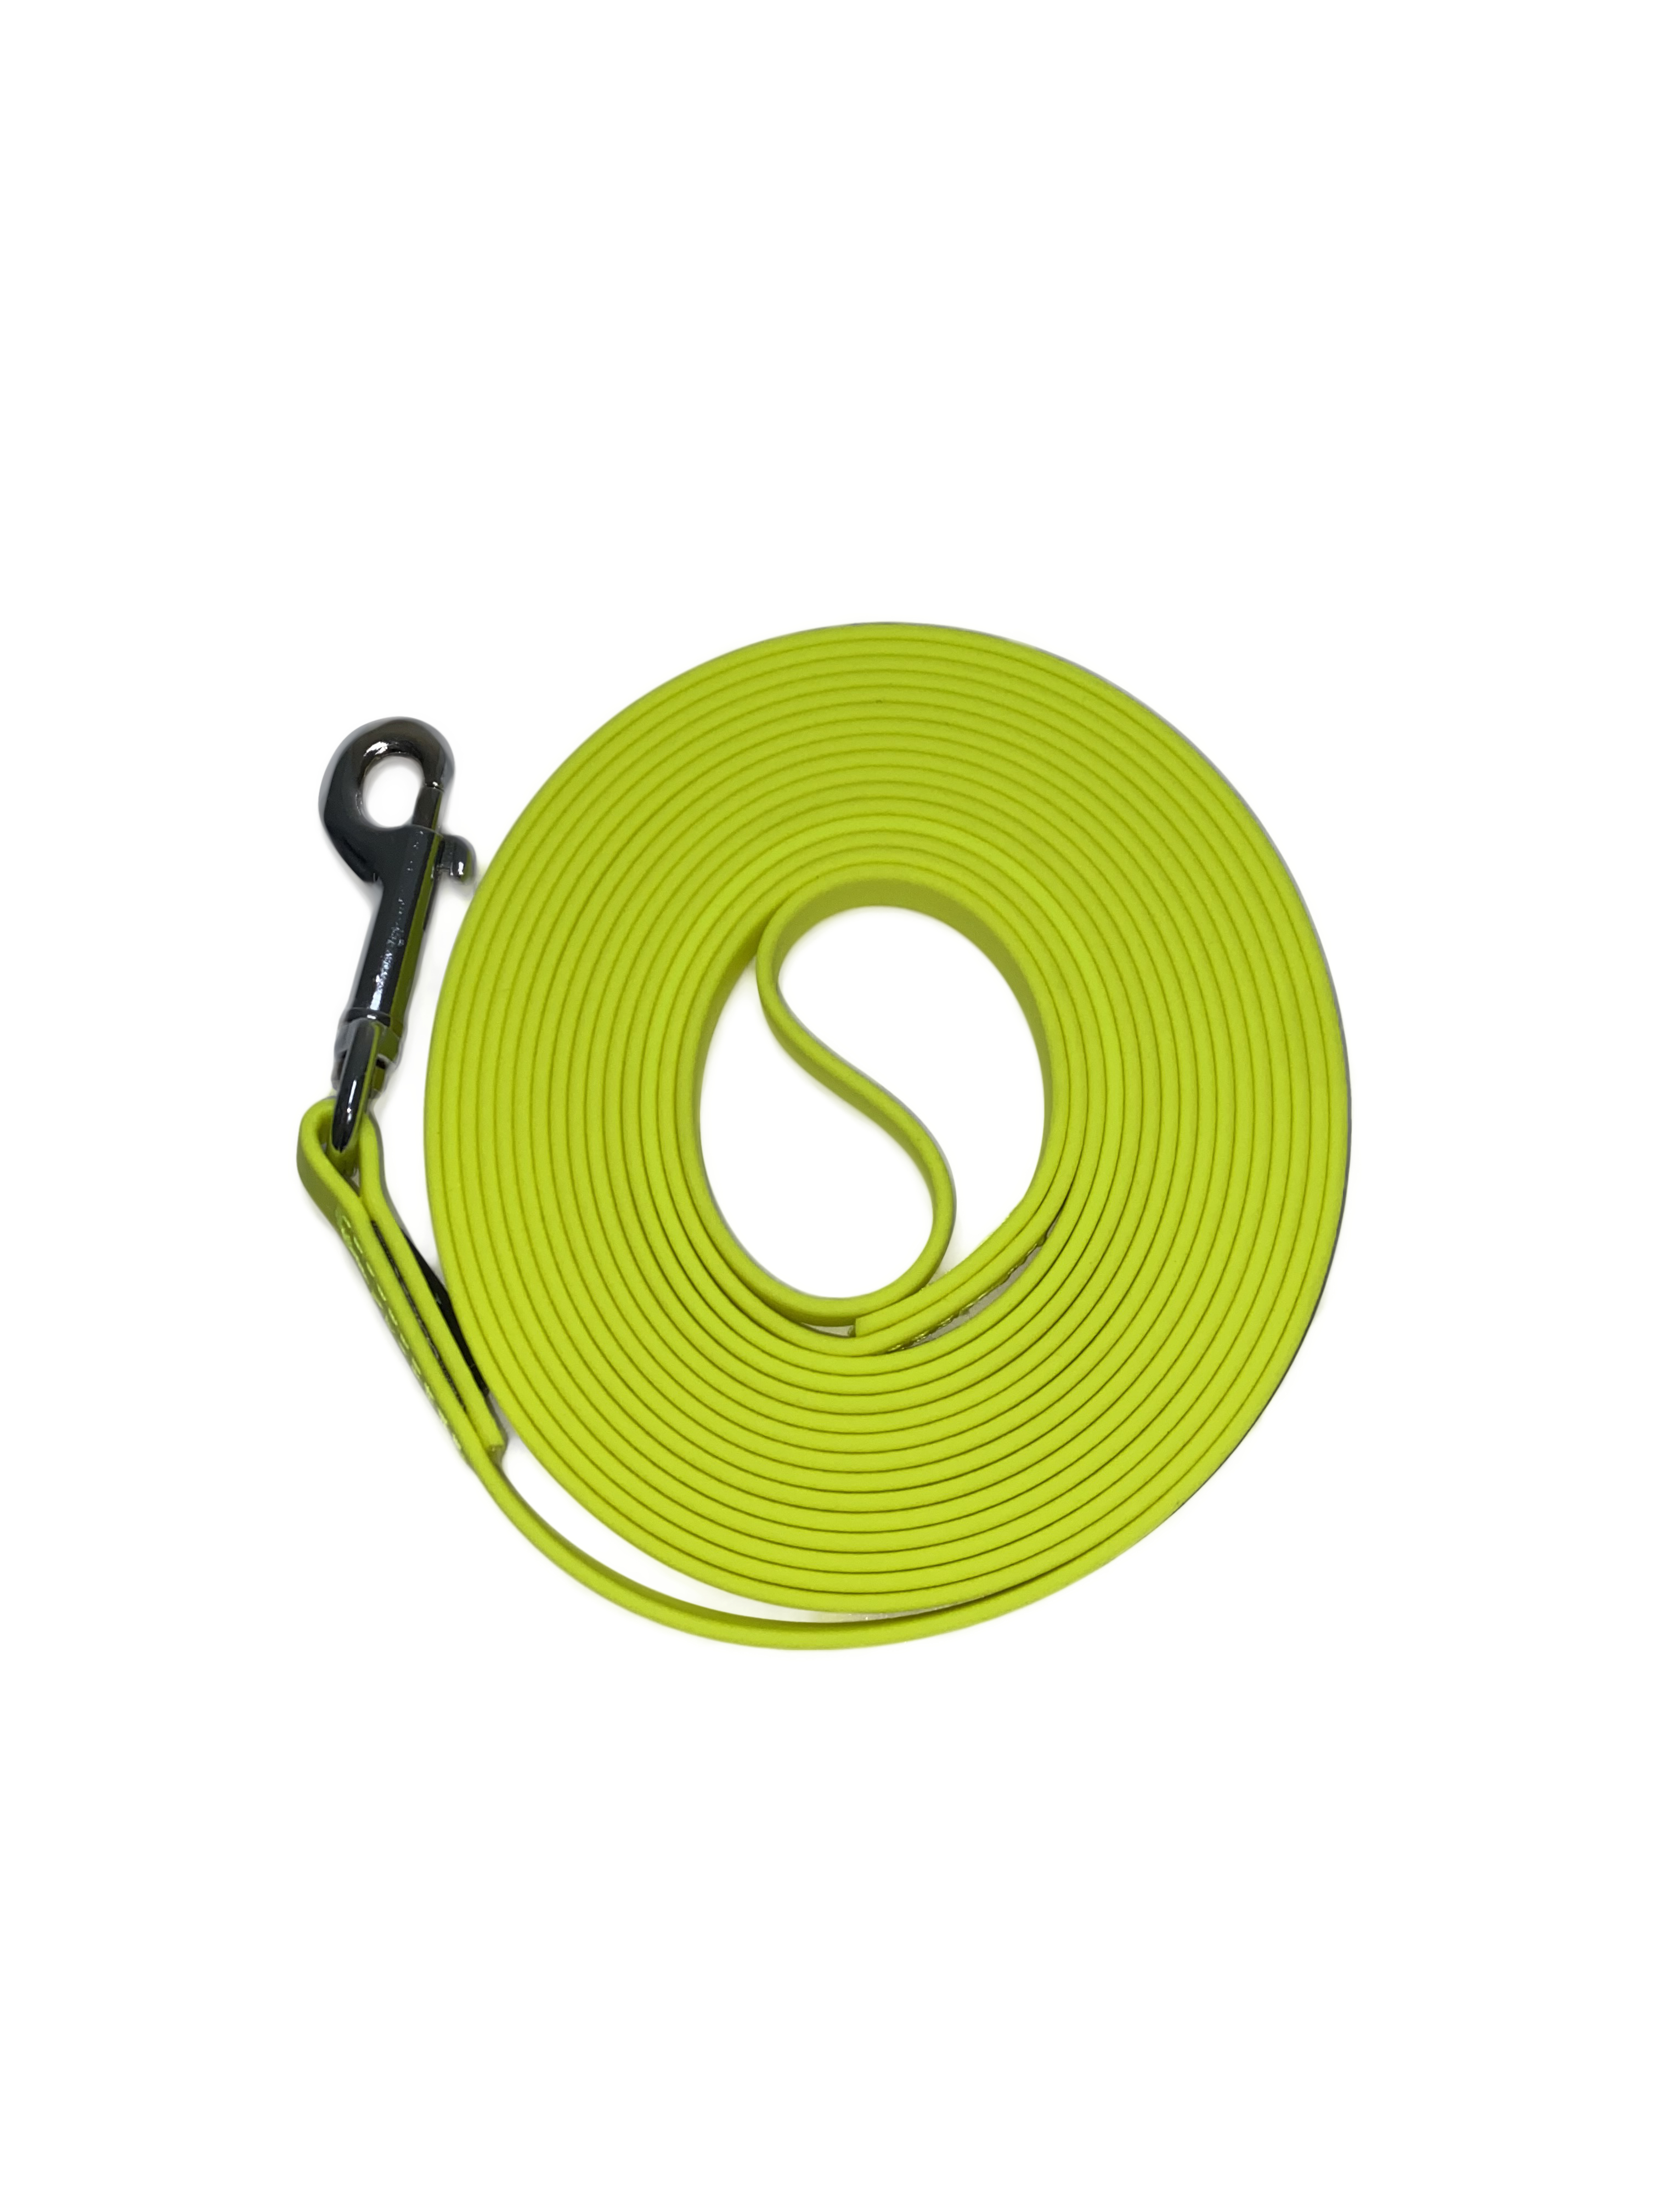 Schleppleine 2 Handschlaufe gelb Biothane Hund 5m_10_m_15m_13mm3